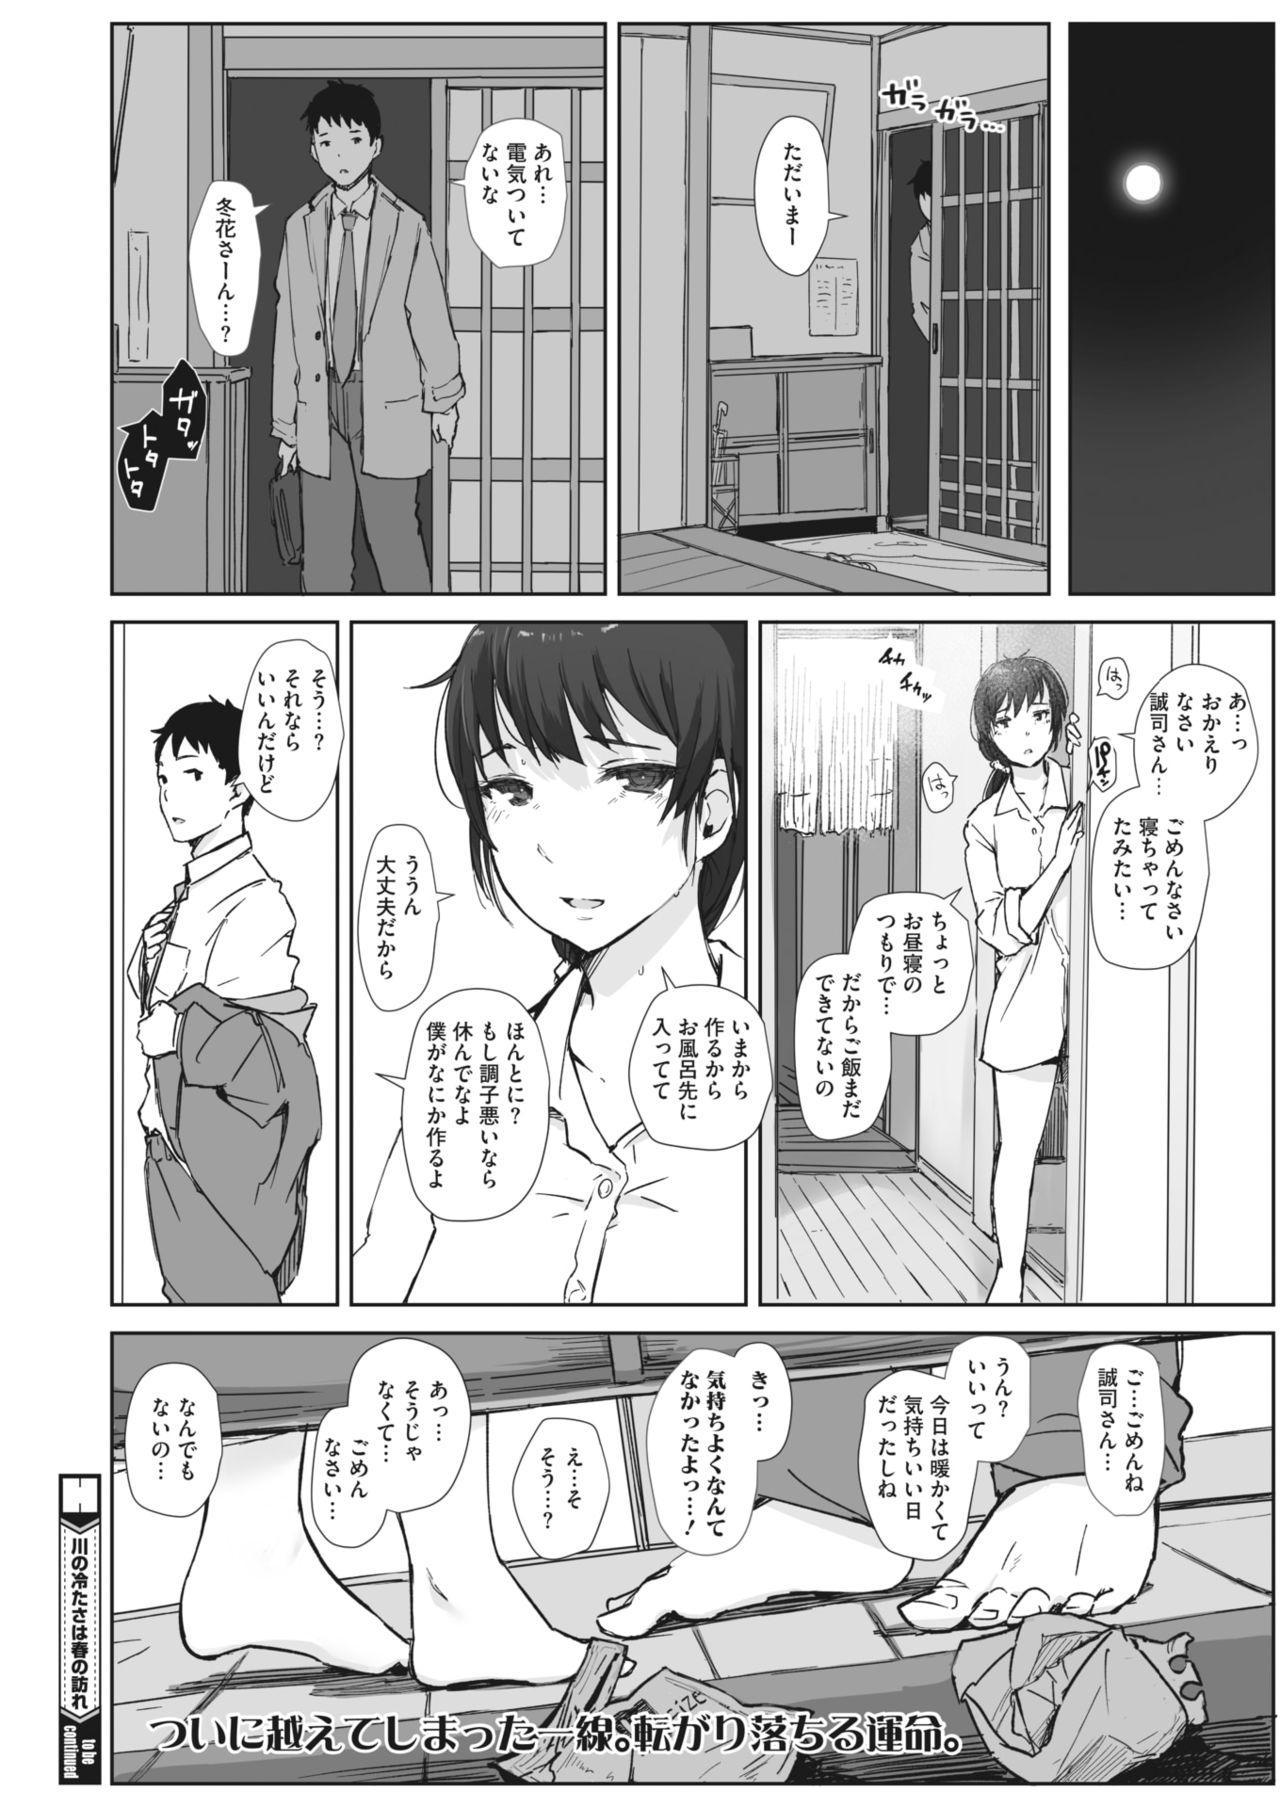 Kawa no Tsumetasa wa Haru no Otozure 1-4 71